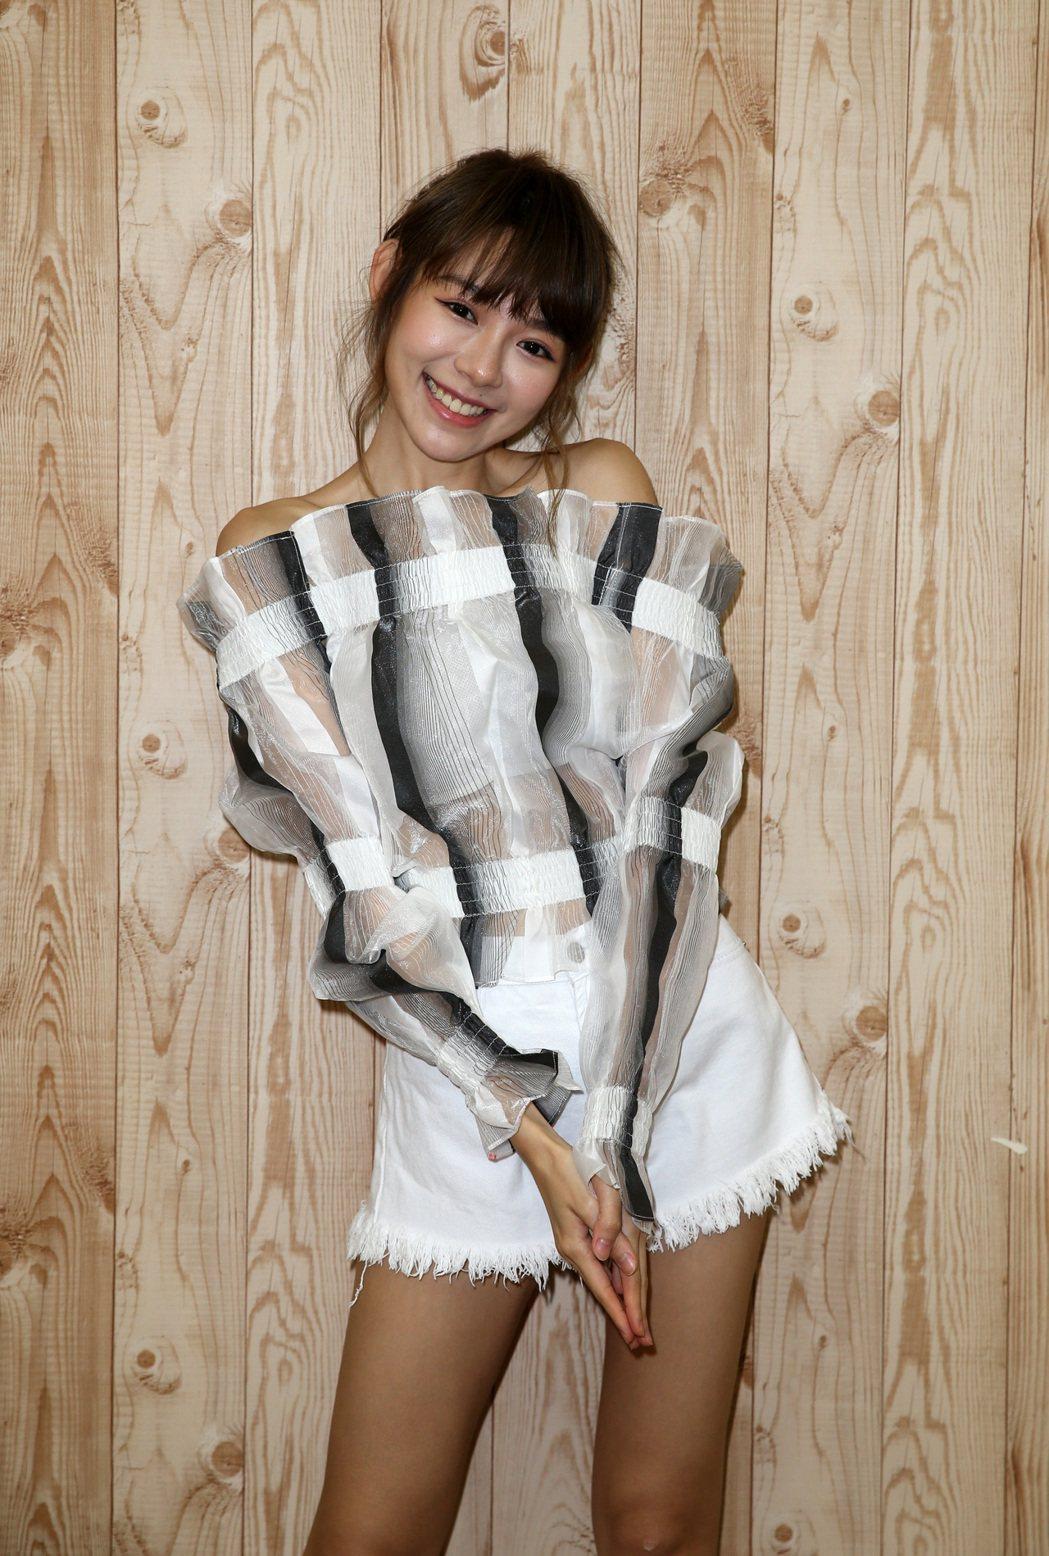 林明禎為新歌「Whoo」練舞,雖瘦到罩杯縮水,但也練出翹臀。記者曾吉松/攝影